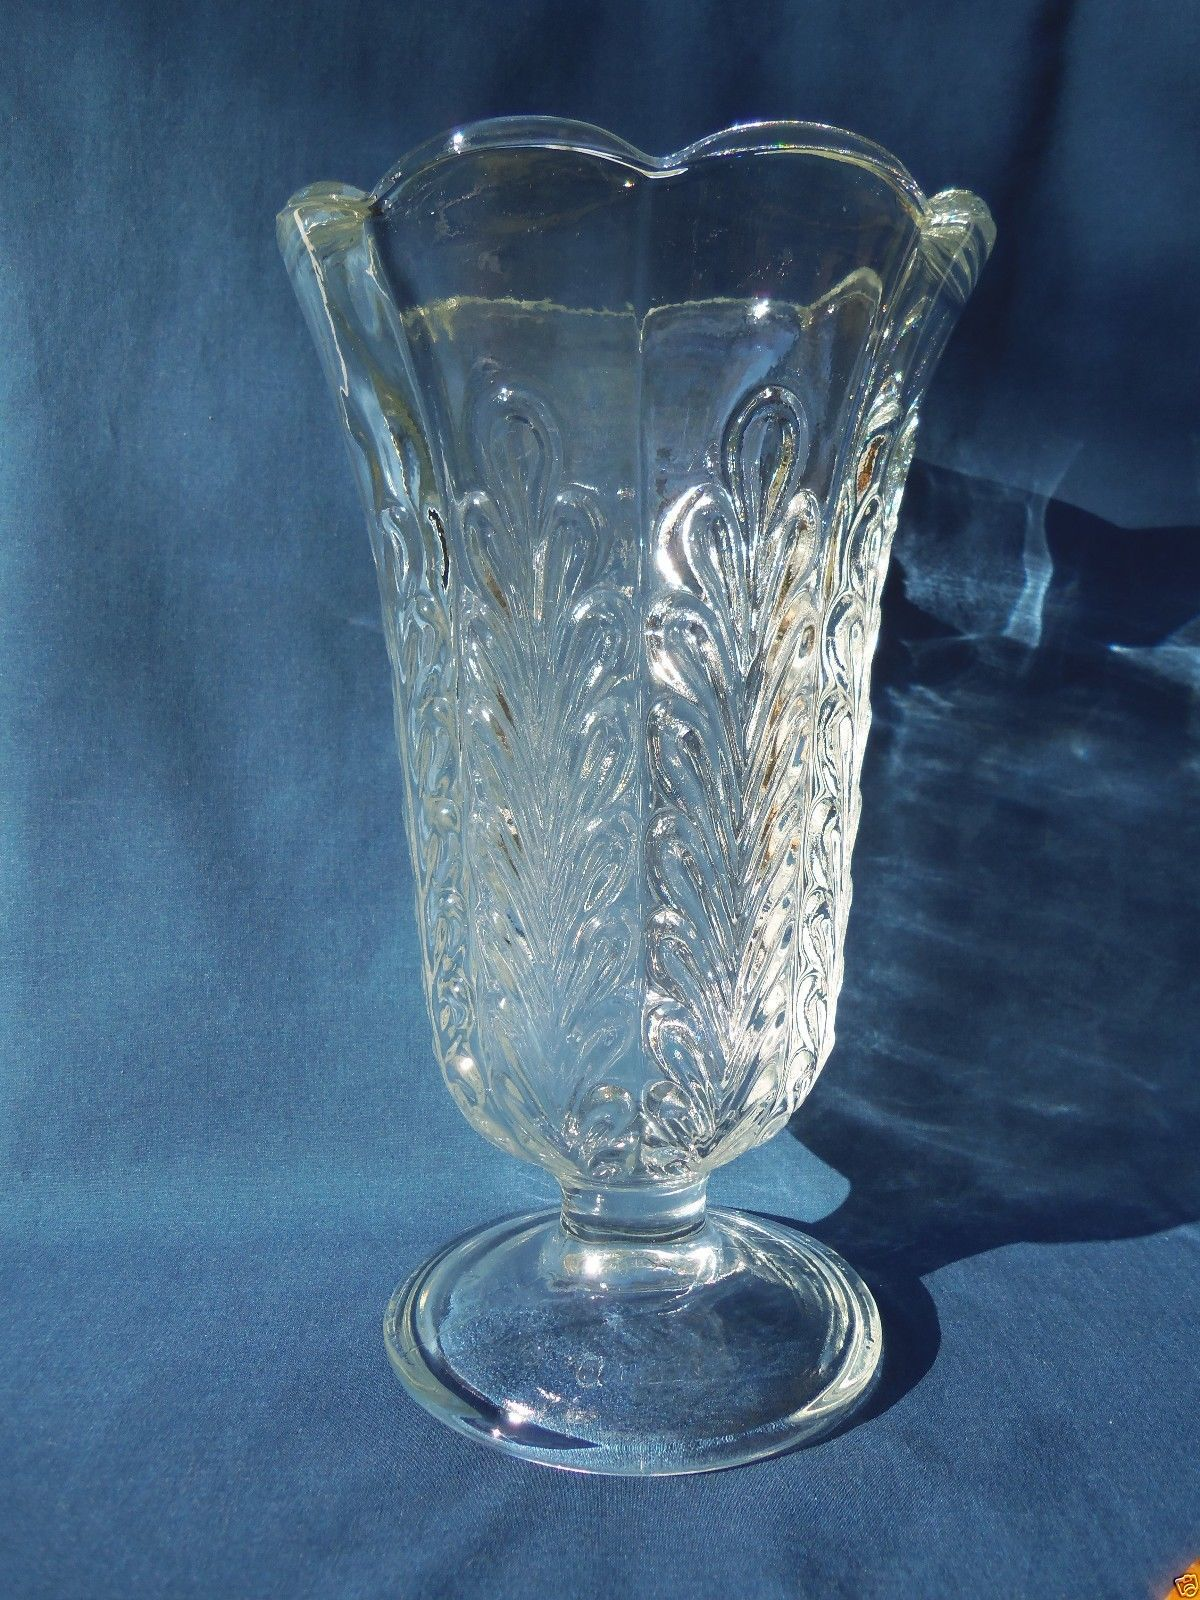 e o brody co usa clear glass pedestal vase m5200 fern leaf design 9 x5 3 8 vtg vases. Black Bedroom Furniture Sets. Home Design Ideas